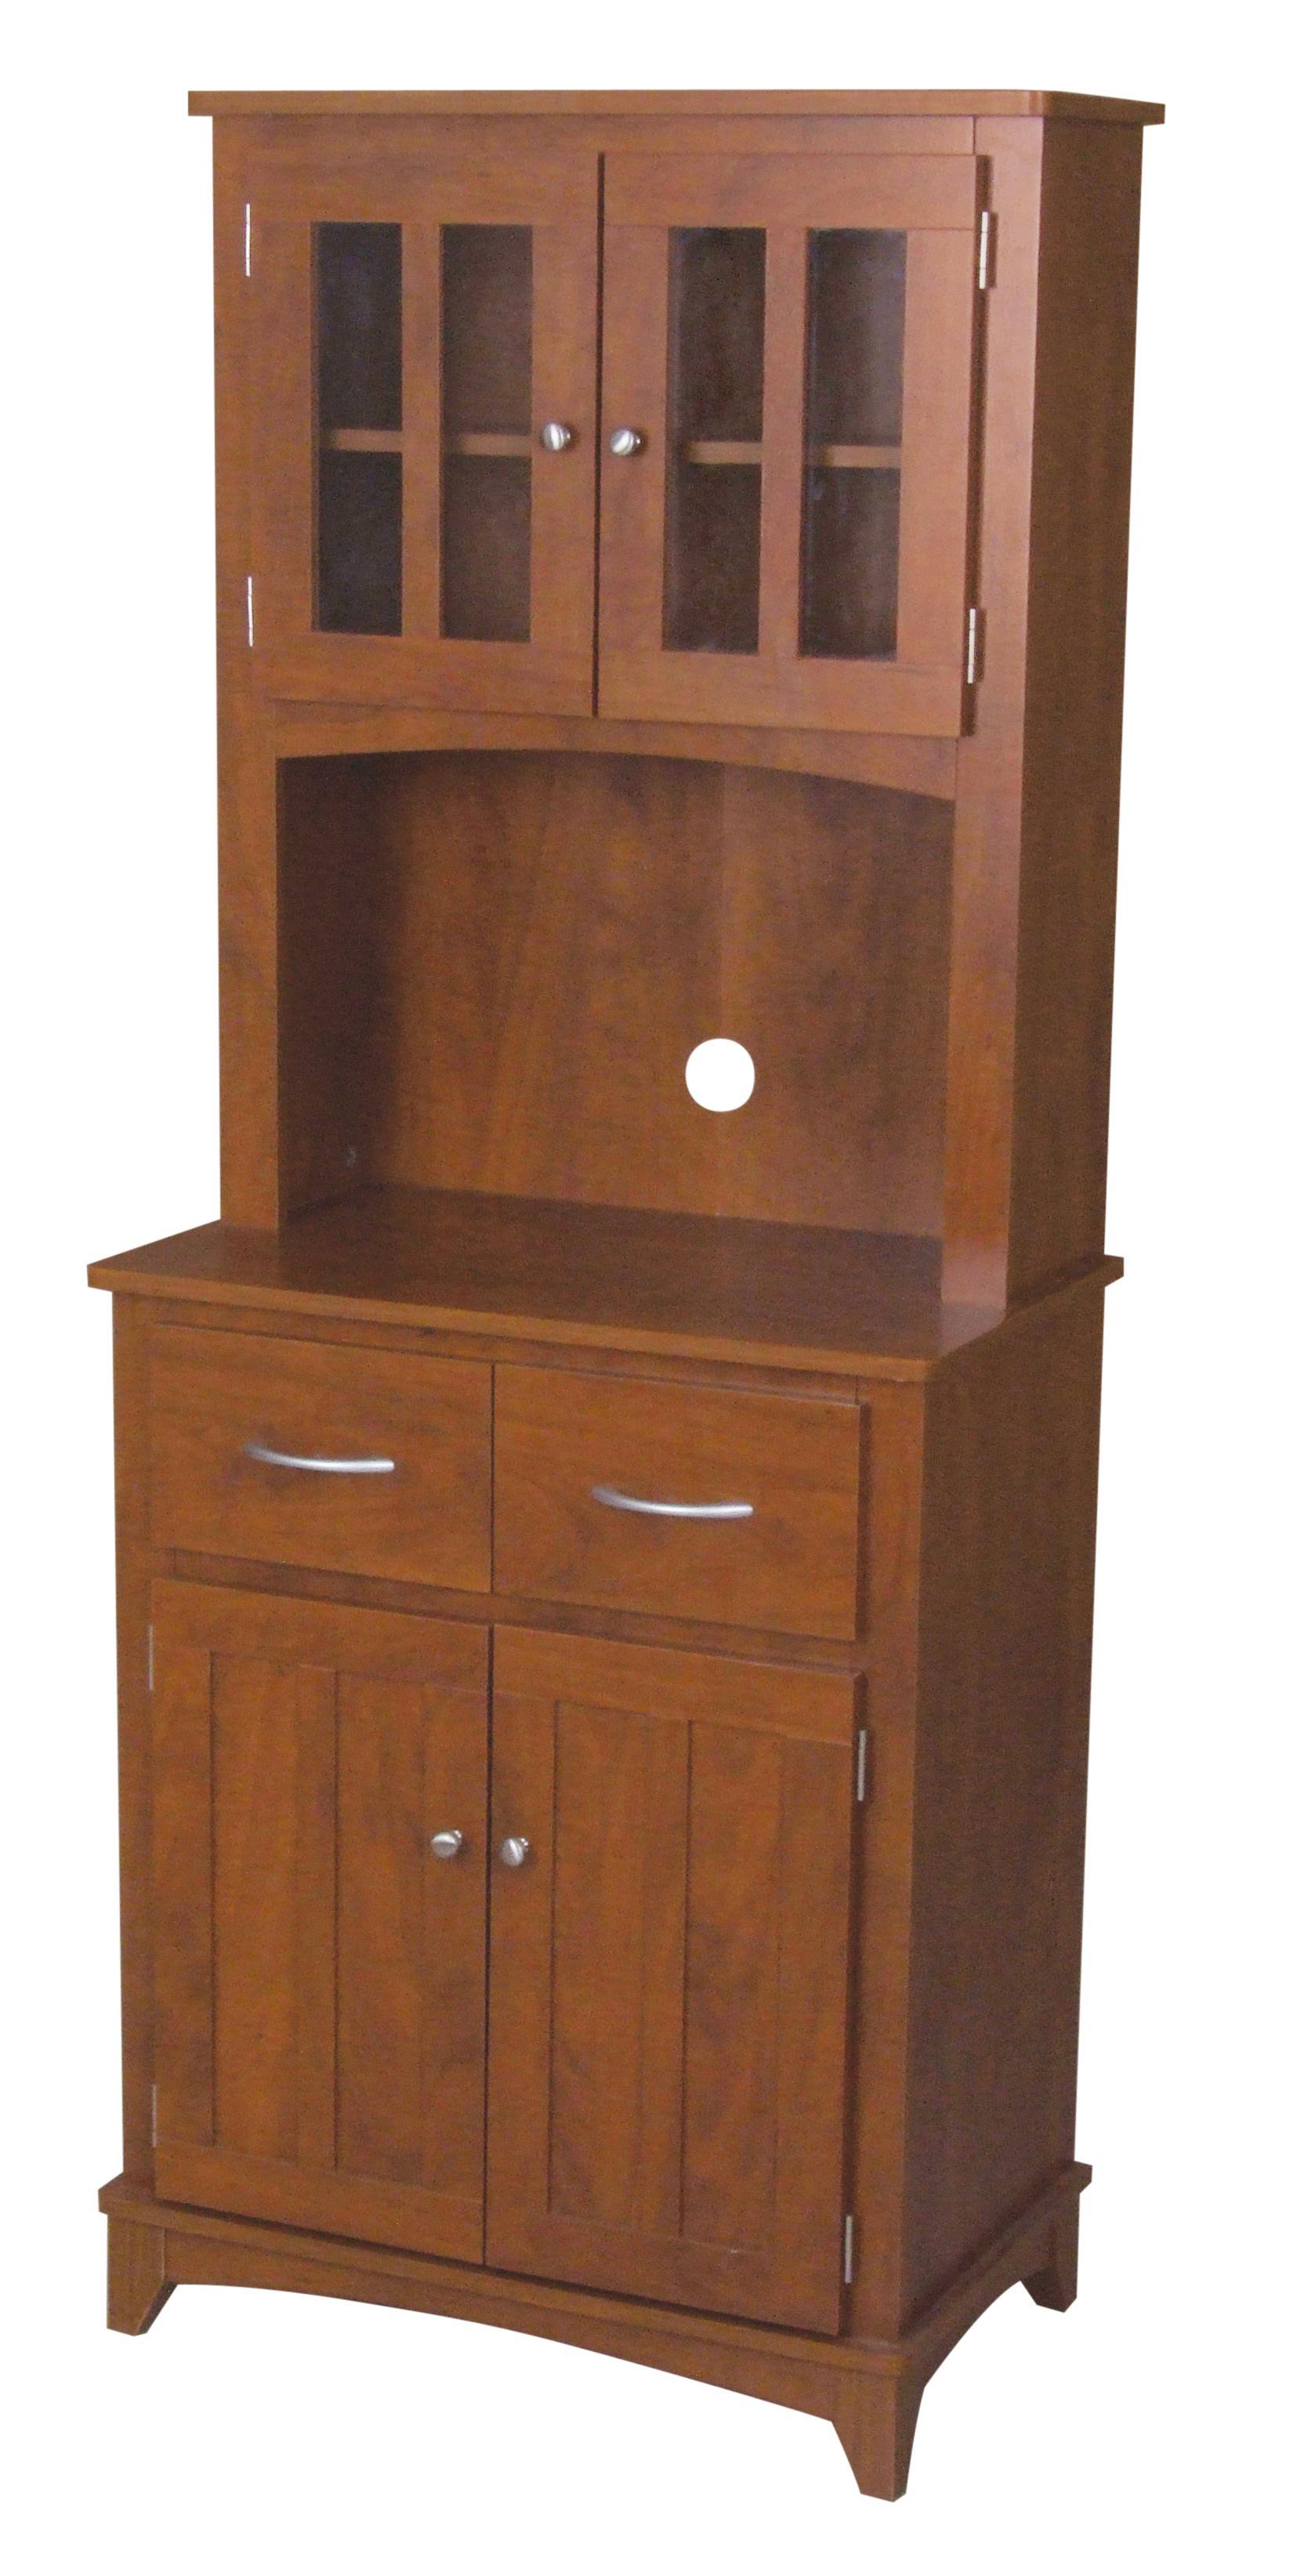 oak microwave cabinet bar cabinet. Black Bedroom Furniture Sets. Home Design Ideas